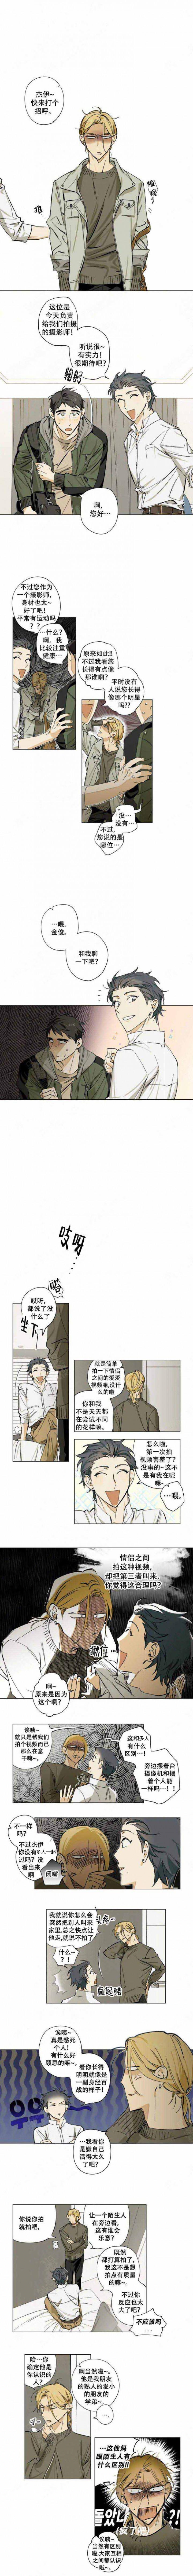 《记忆中的你》漫画 — 中文完结版(全文免费阅读)